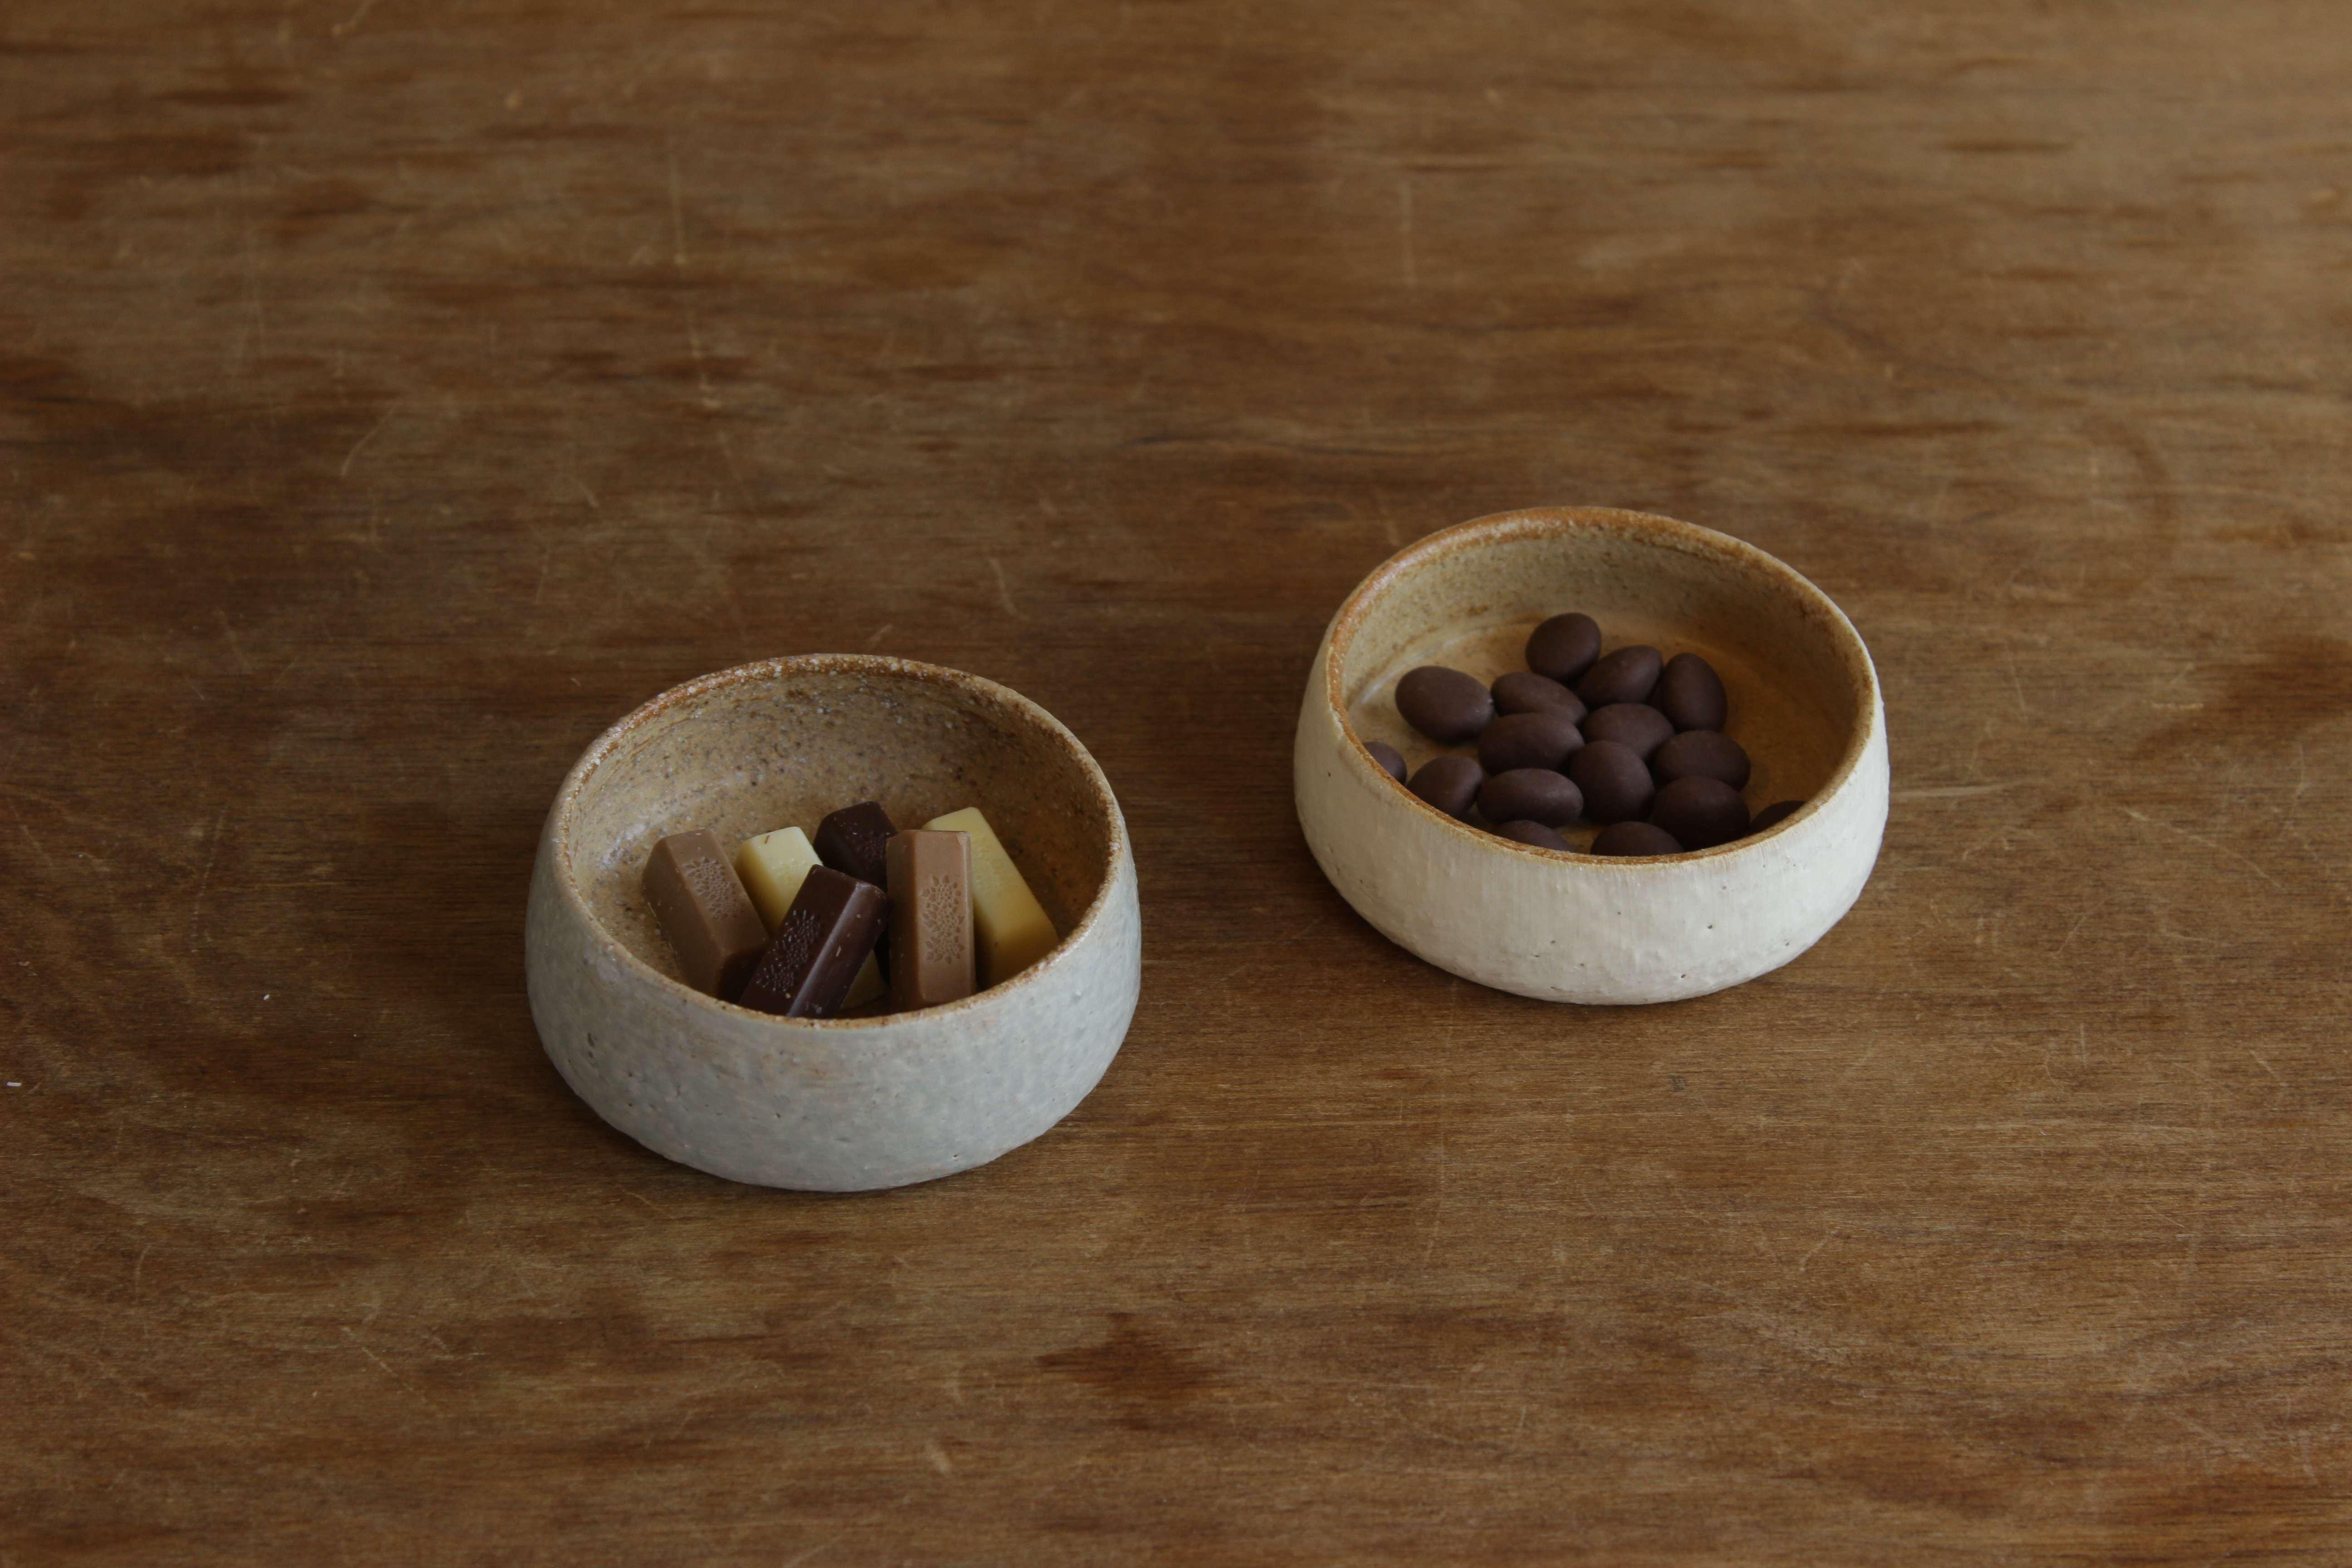 いにま陶房とチョコレート